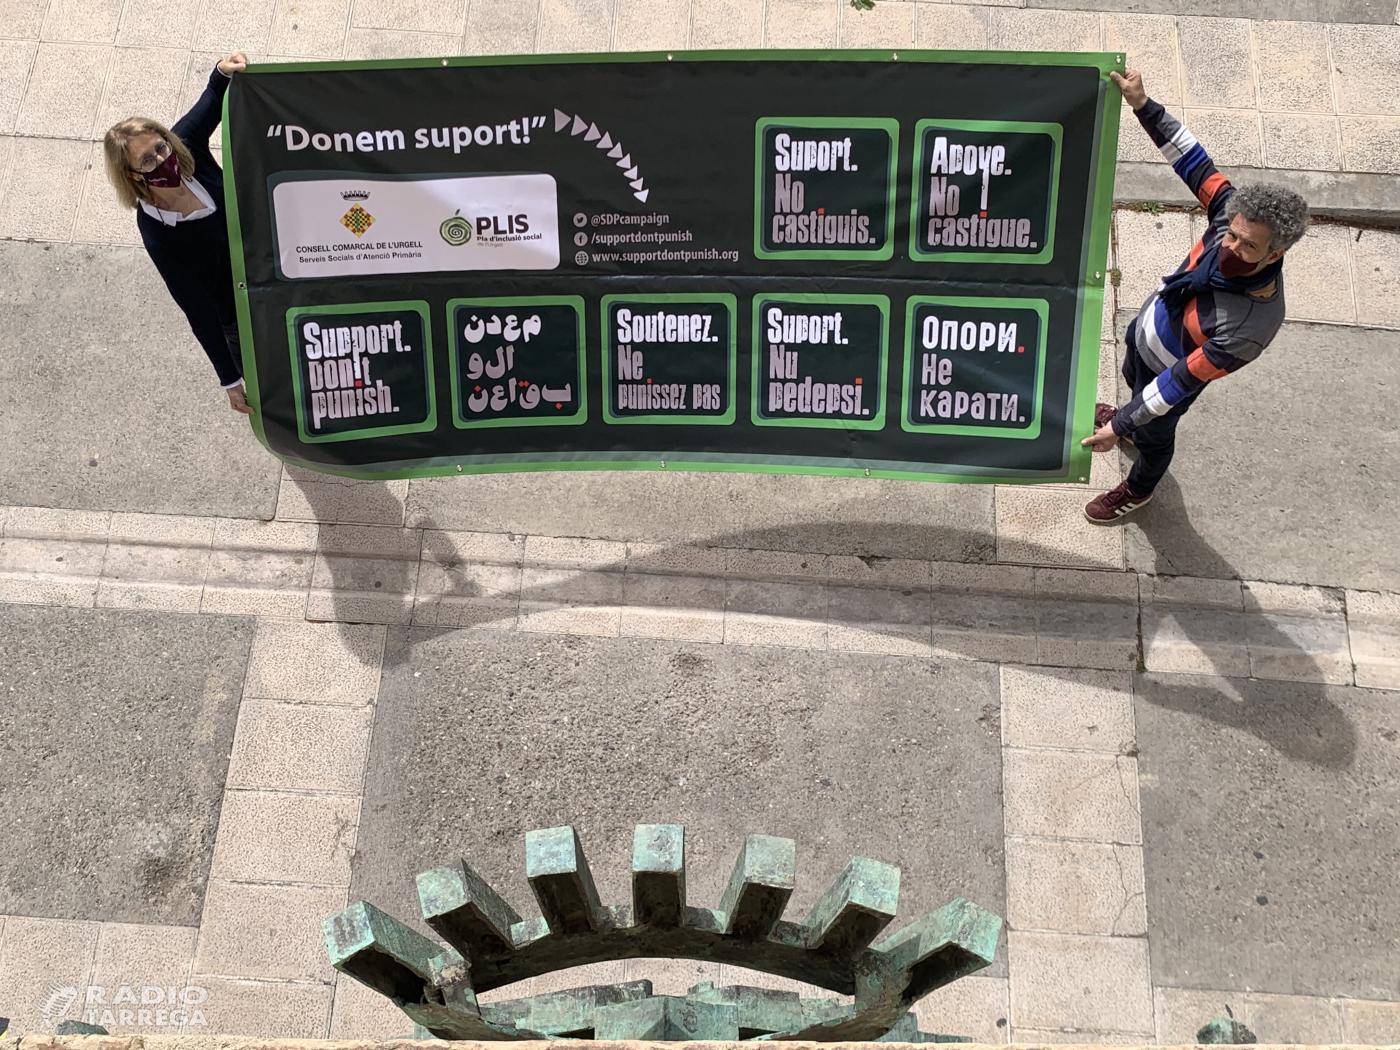 El Consell Comarcal de l'Urgell engega la campanya 'Support Dont' Punnish' que vol evitar l'estigmatització de les persones consumidores de drogues